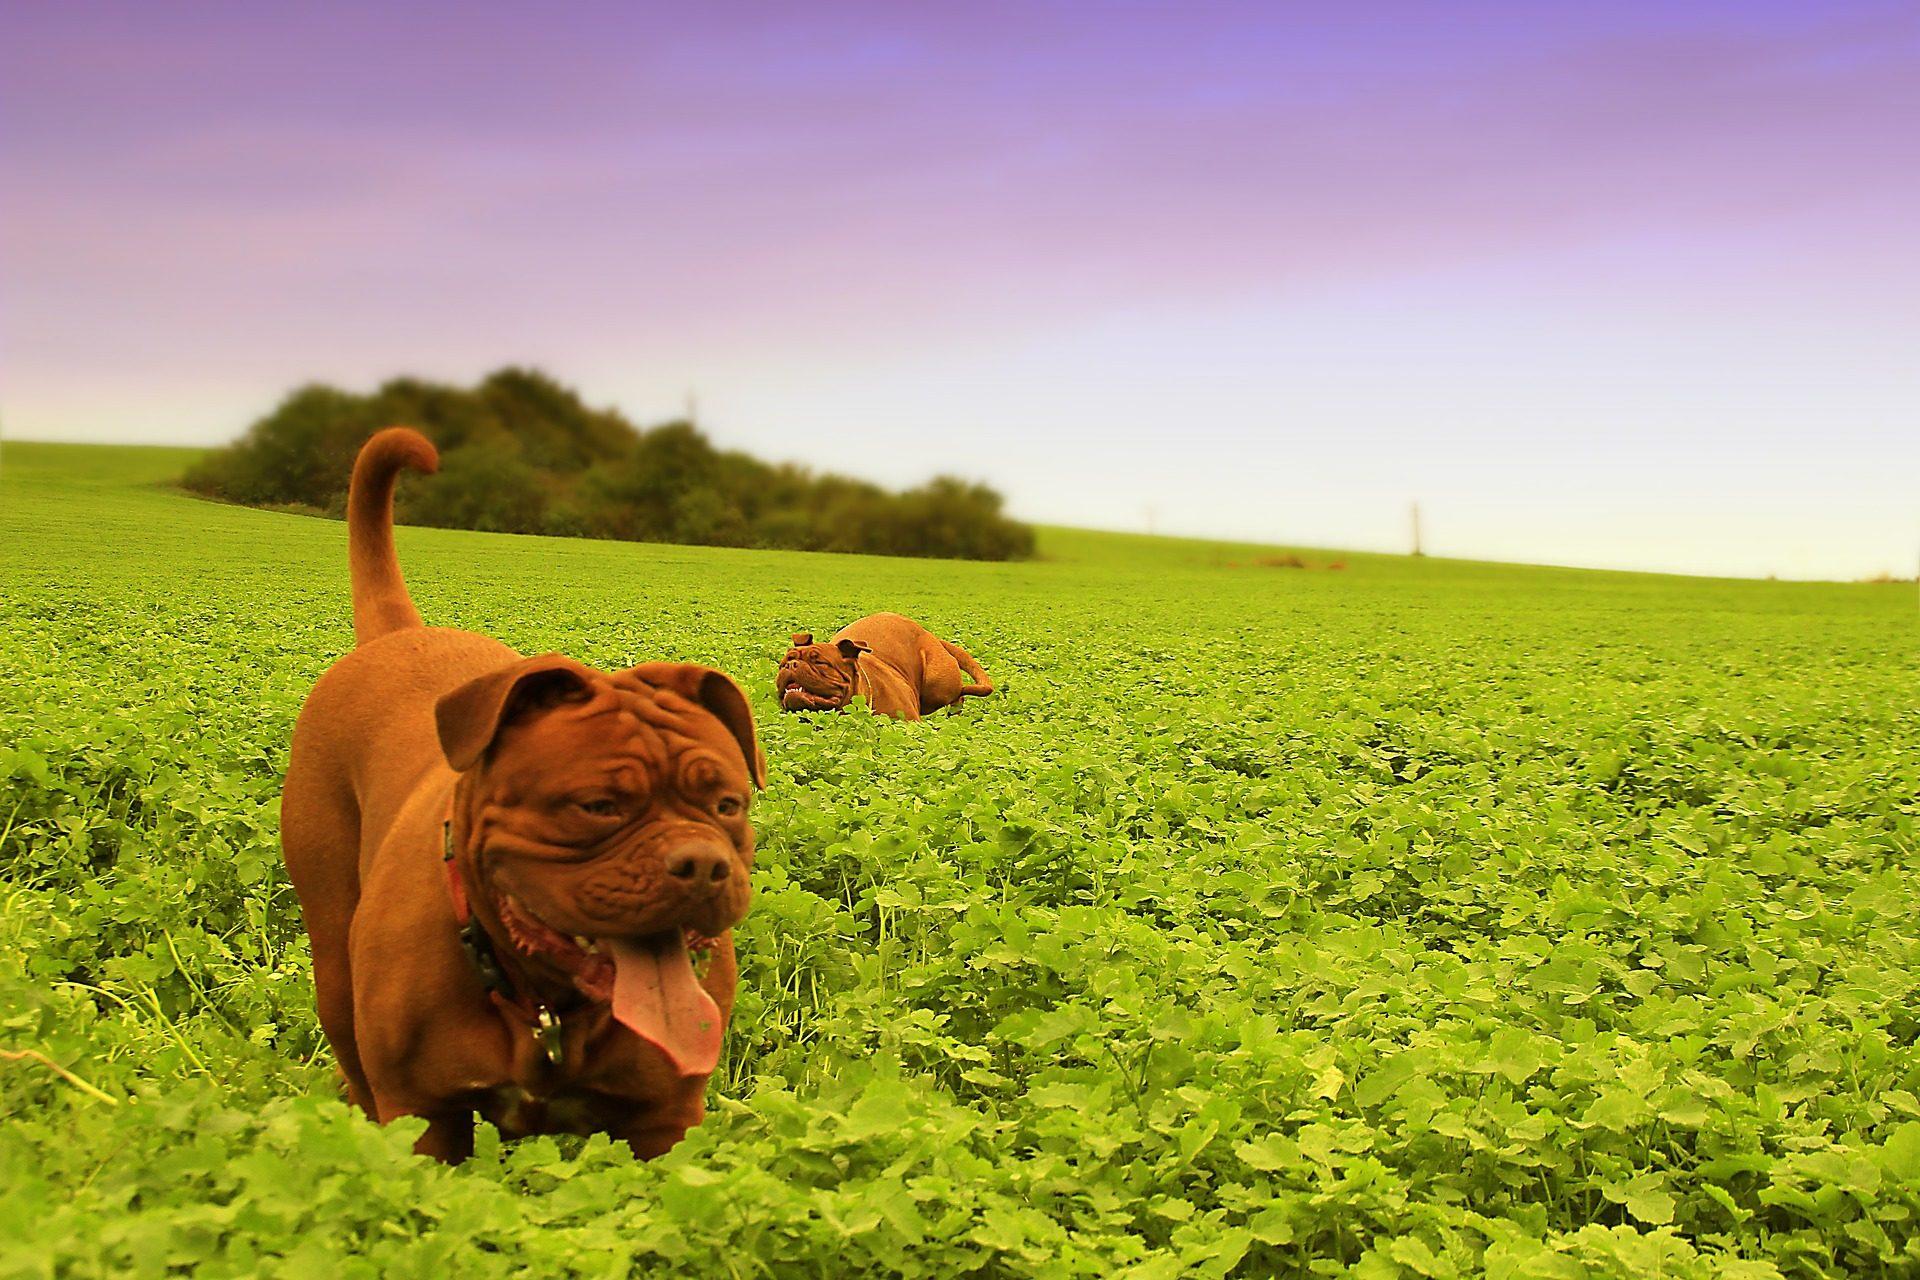 σκύλος, Dogo, Μπορντό, Κατοικίδιο ζώο, πεδίο, παιχνίδι - Wallpapers HD - Professor-falken.com